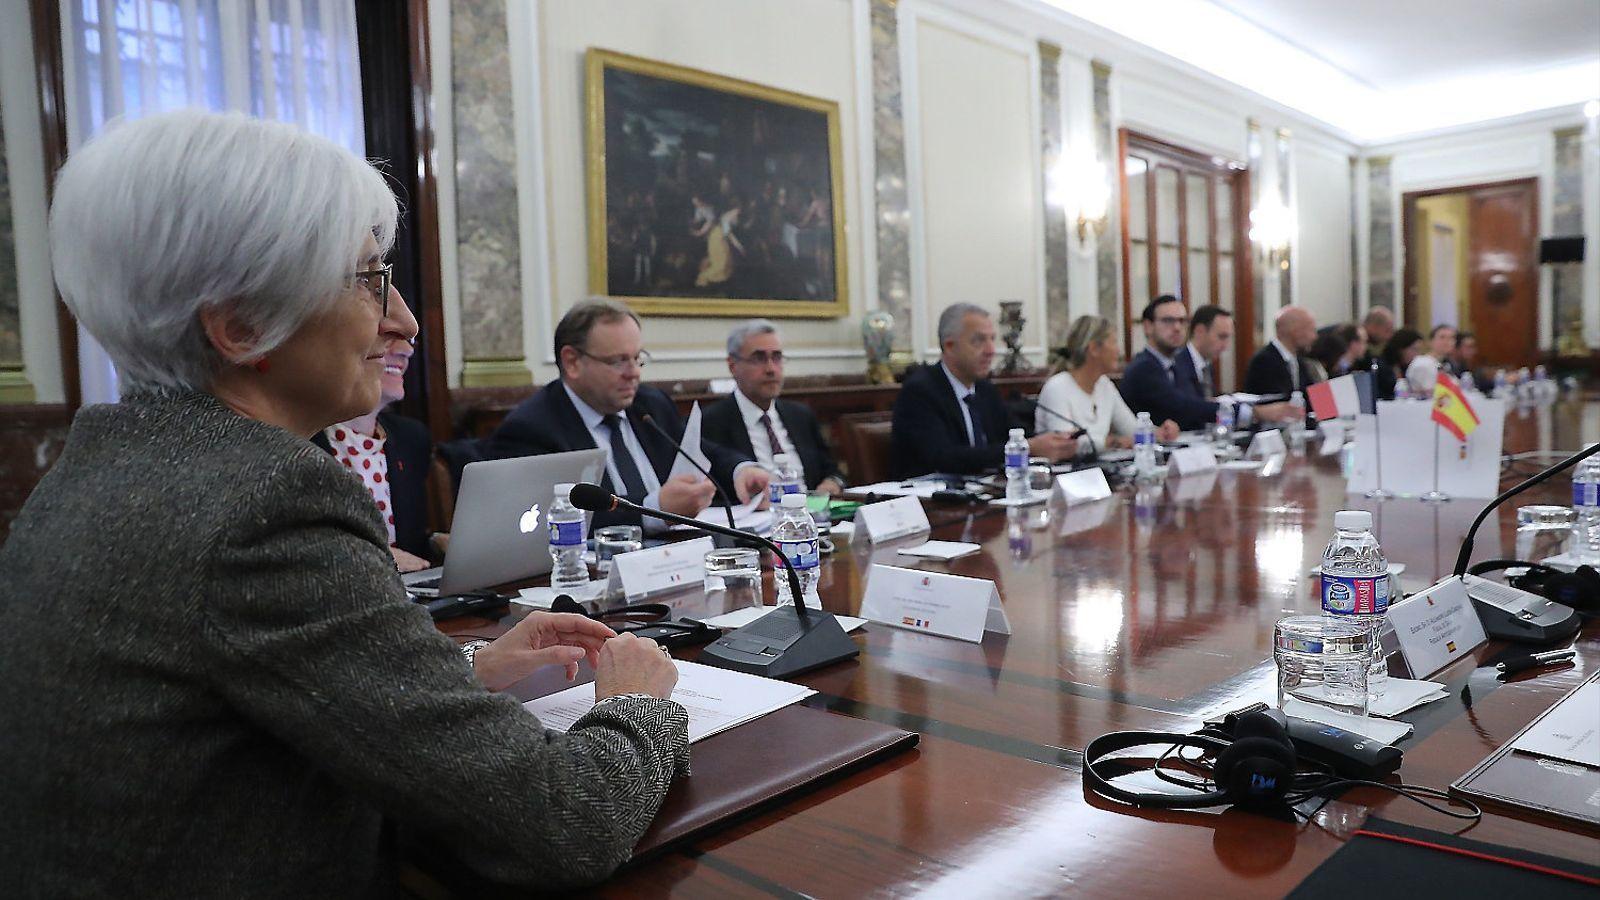 La nova fiscal general de l'Estat, María José Segarra, presidint una reunió   Aquest octubre a la seu  de la Fiscalia.